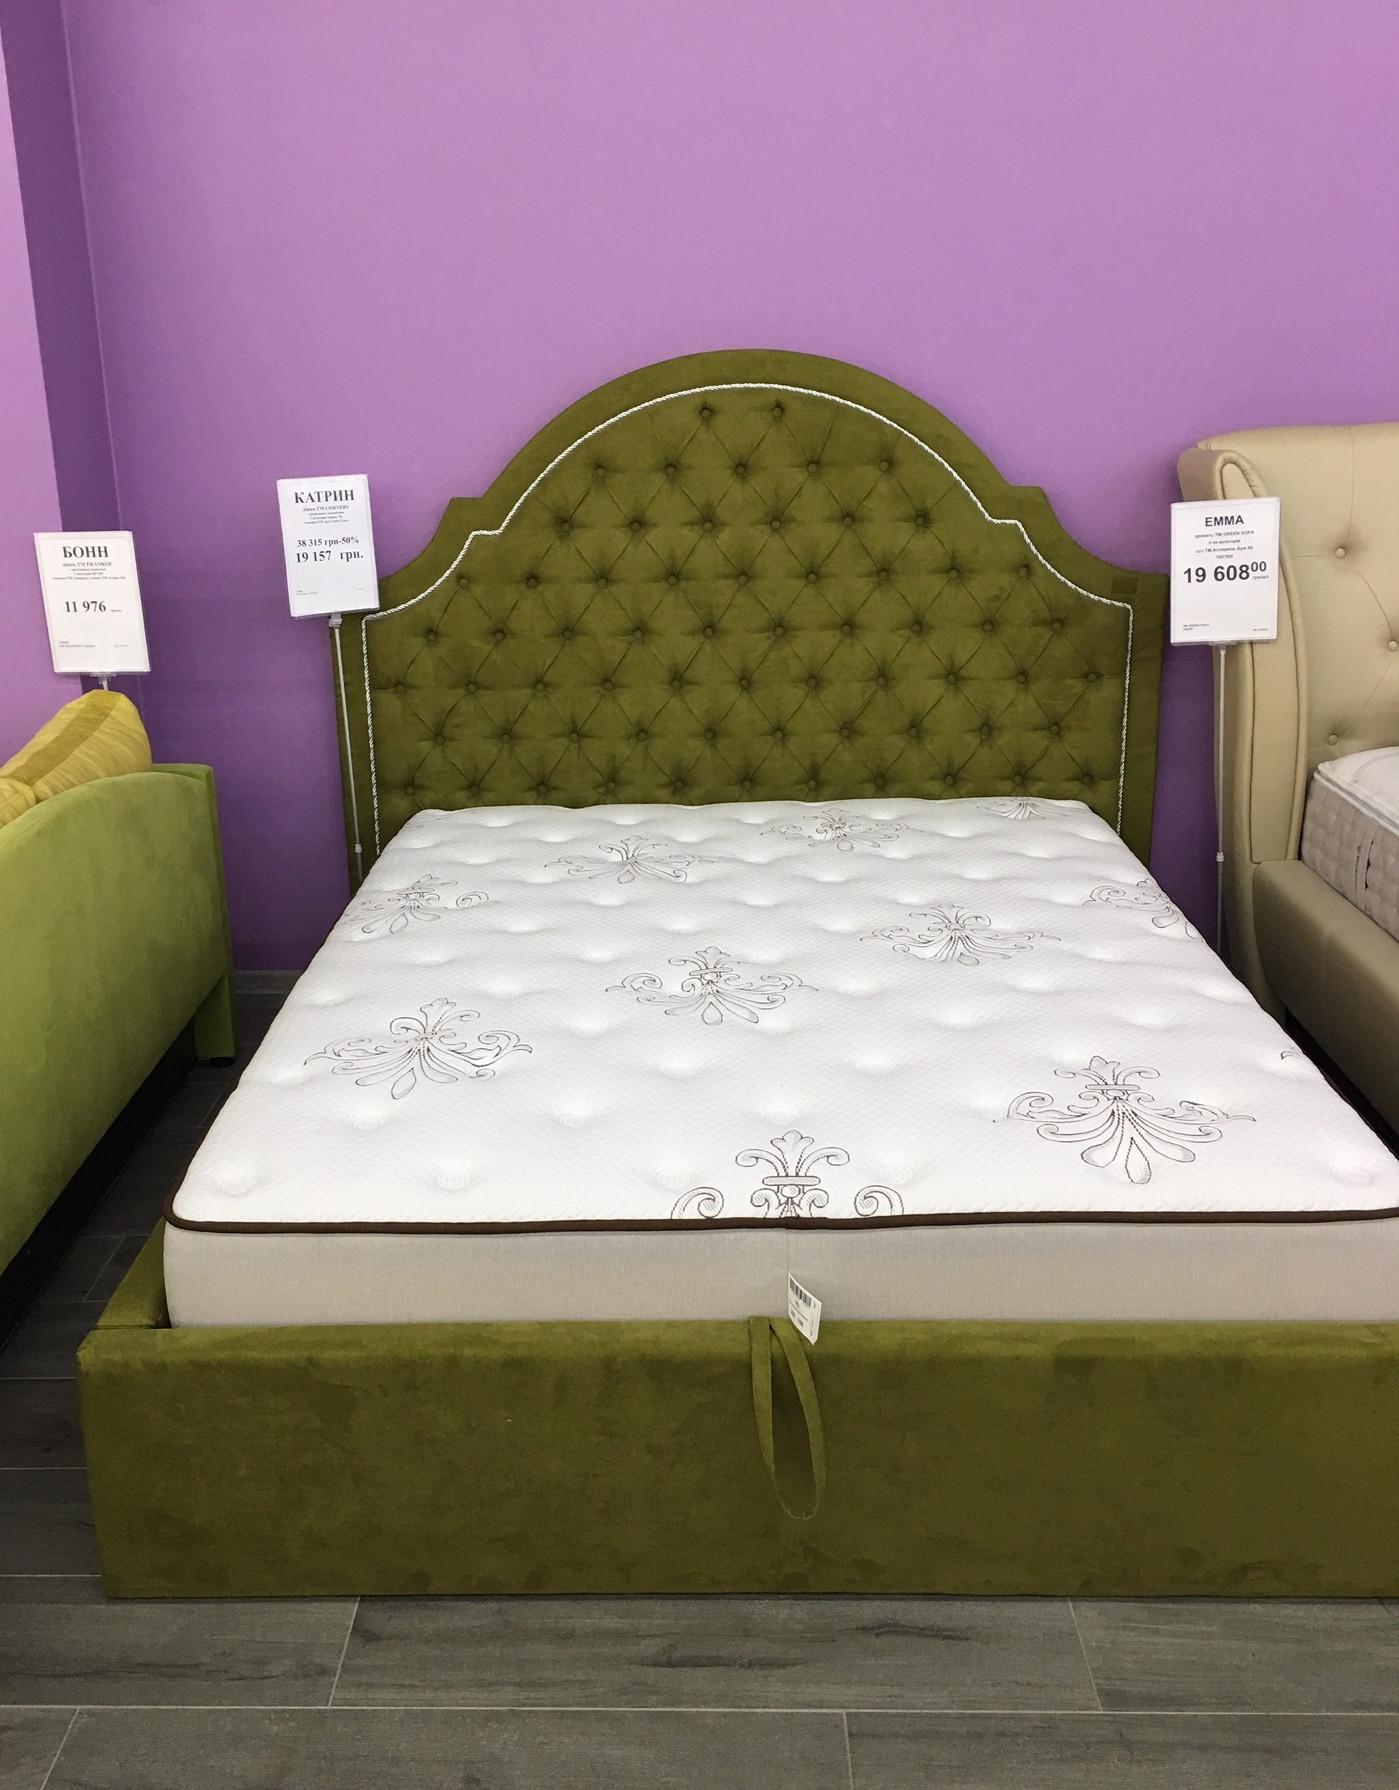 Кровати с подъемным механизмом 160х200 распродажа cash back goods